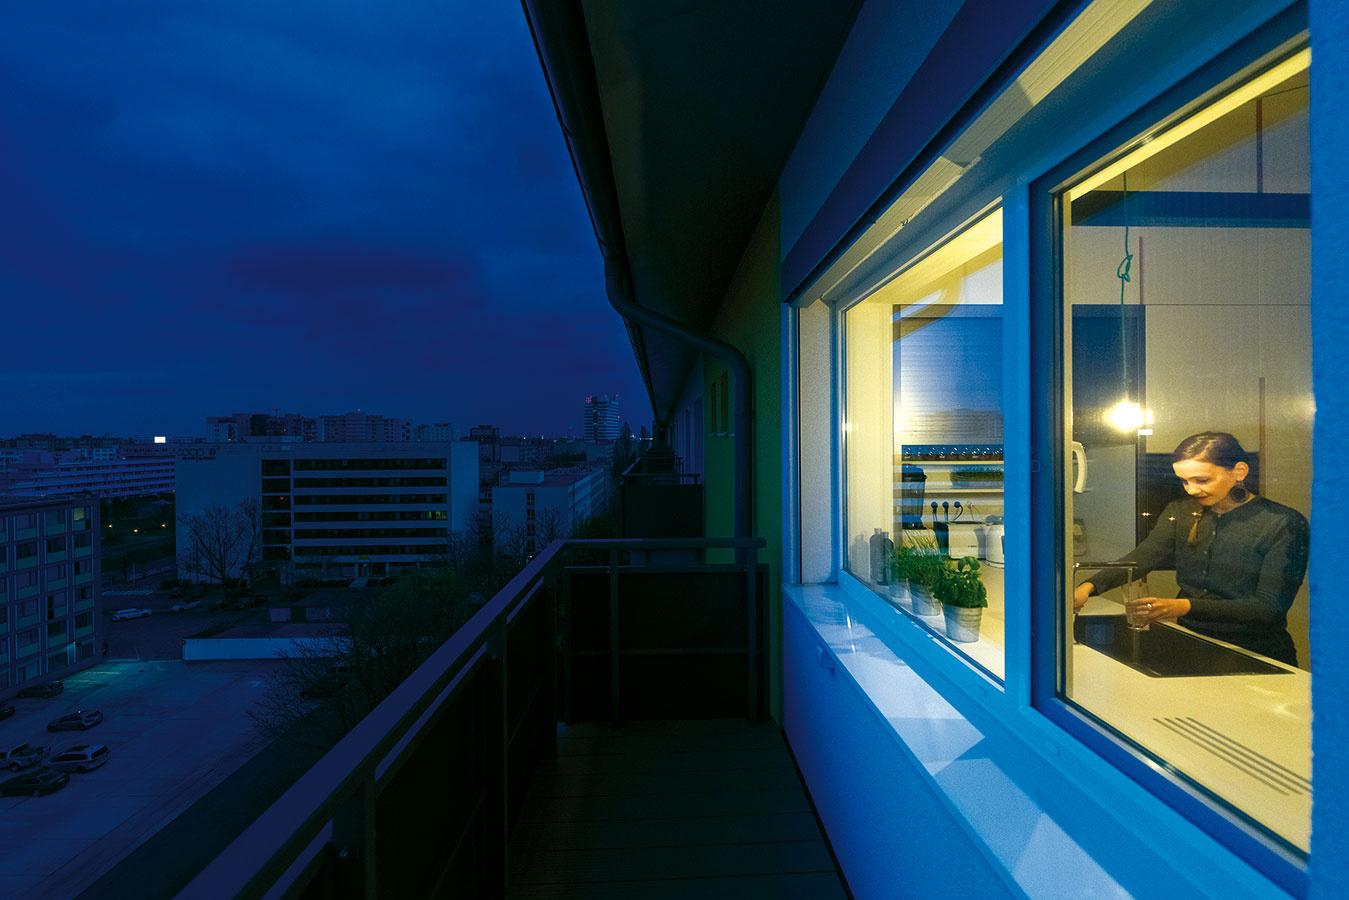 Kuchynská pracovná doska zjednoduchej bielej MDF dosky plní aj funkciu parapetu. Pri otvorenom okne poslúži ako barový pult pre terasu.